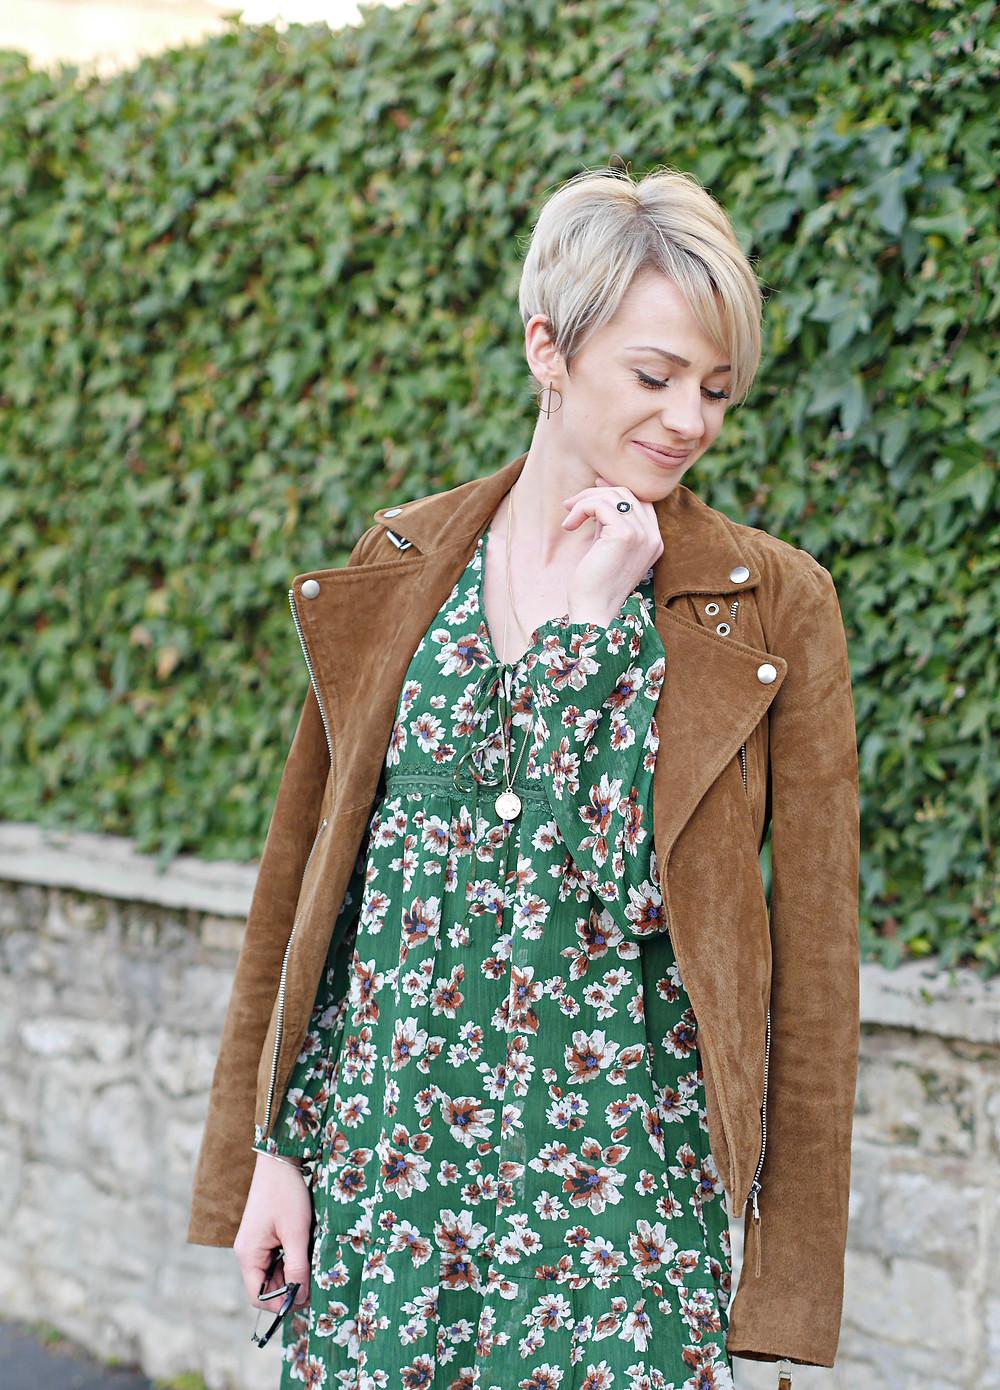 le blog des filles in blogueuse mode caen normandie